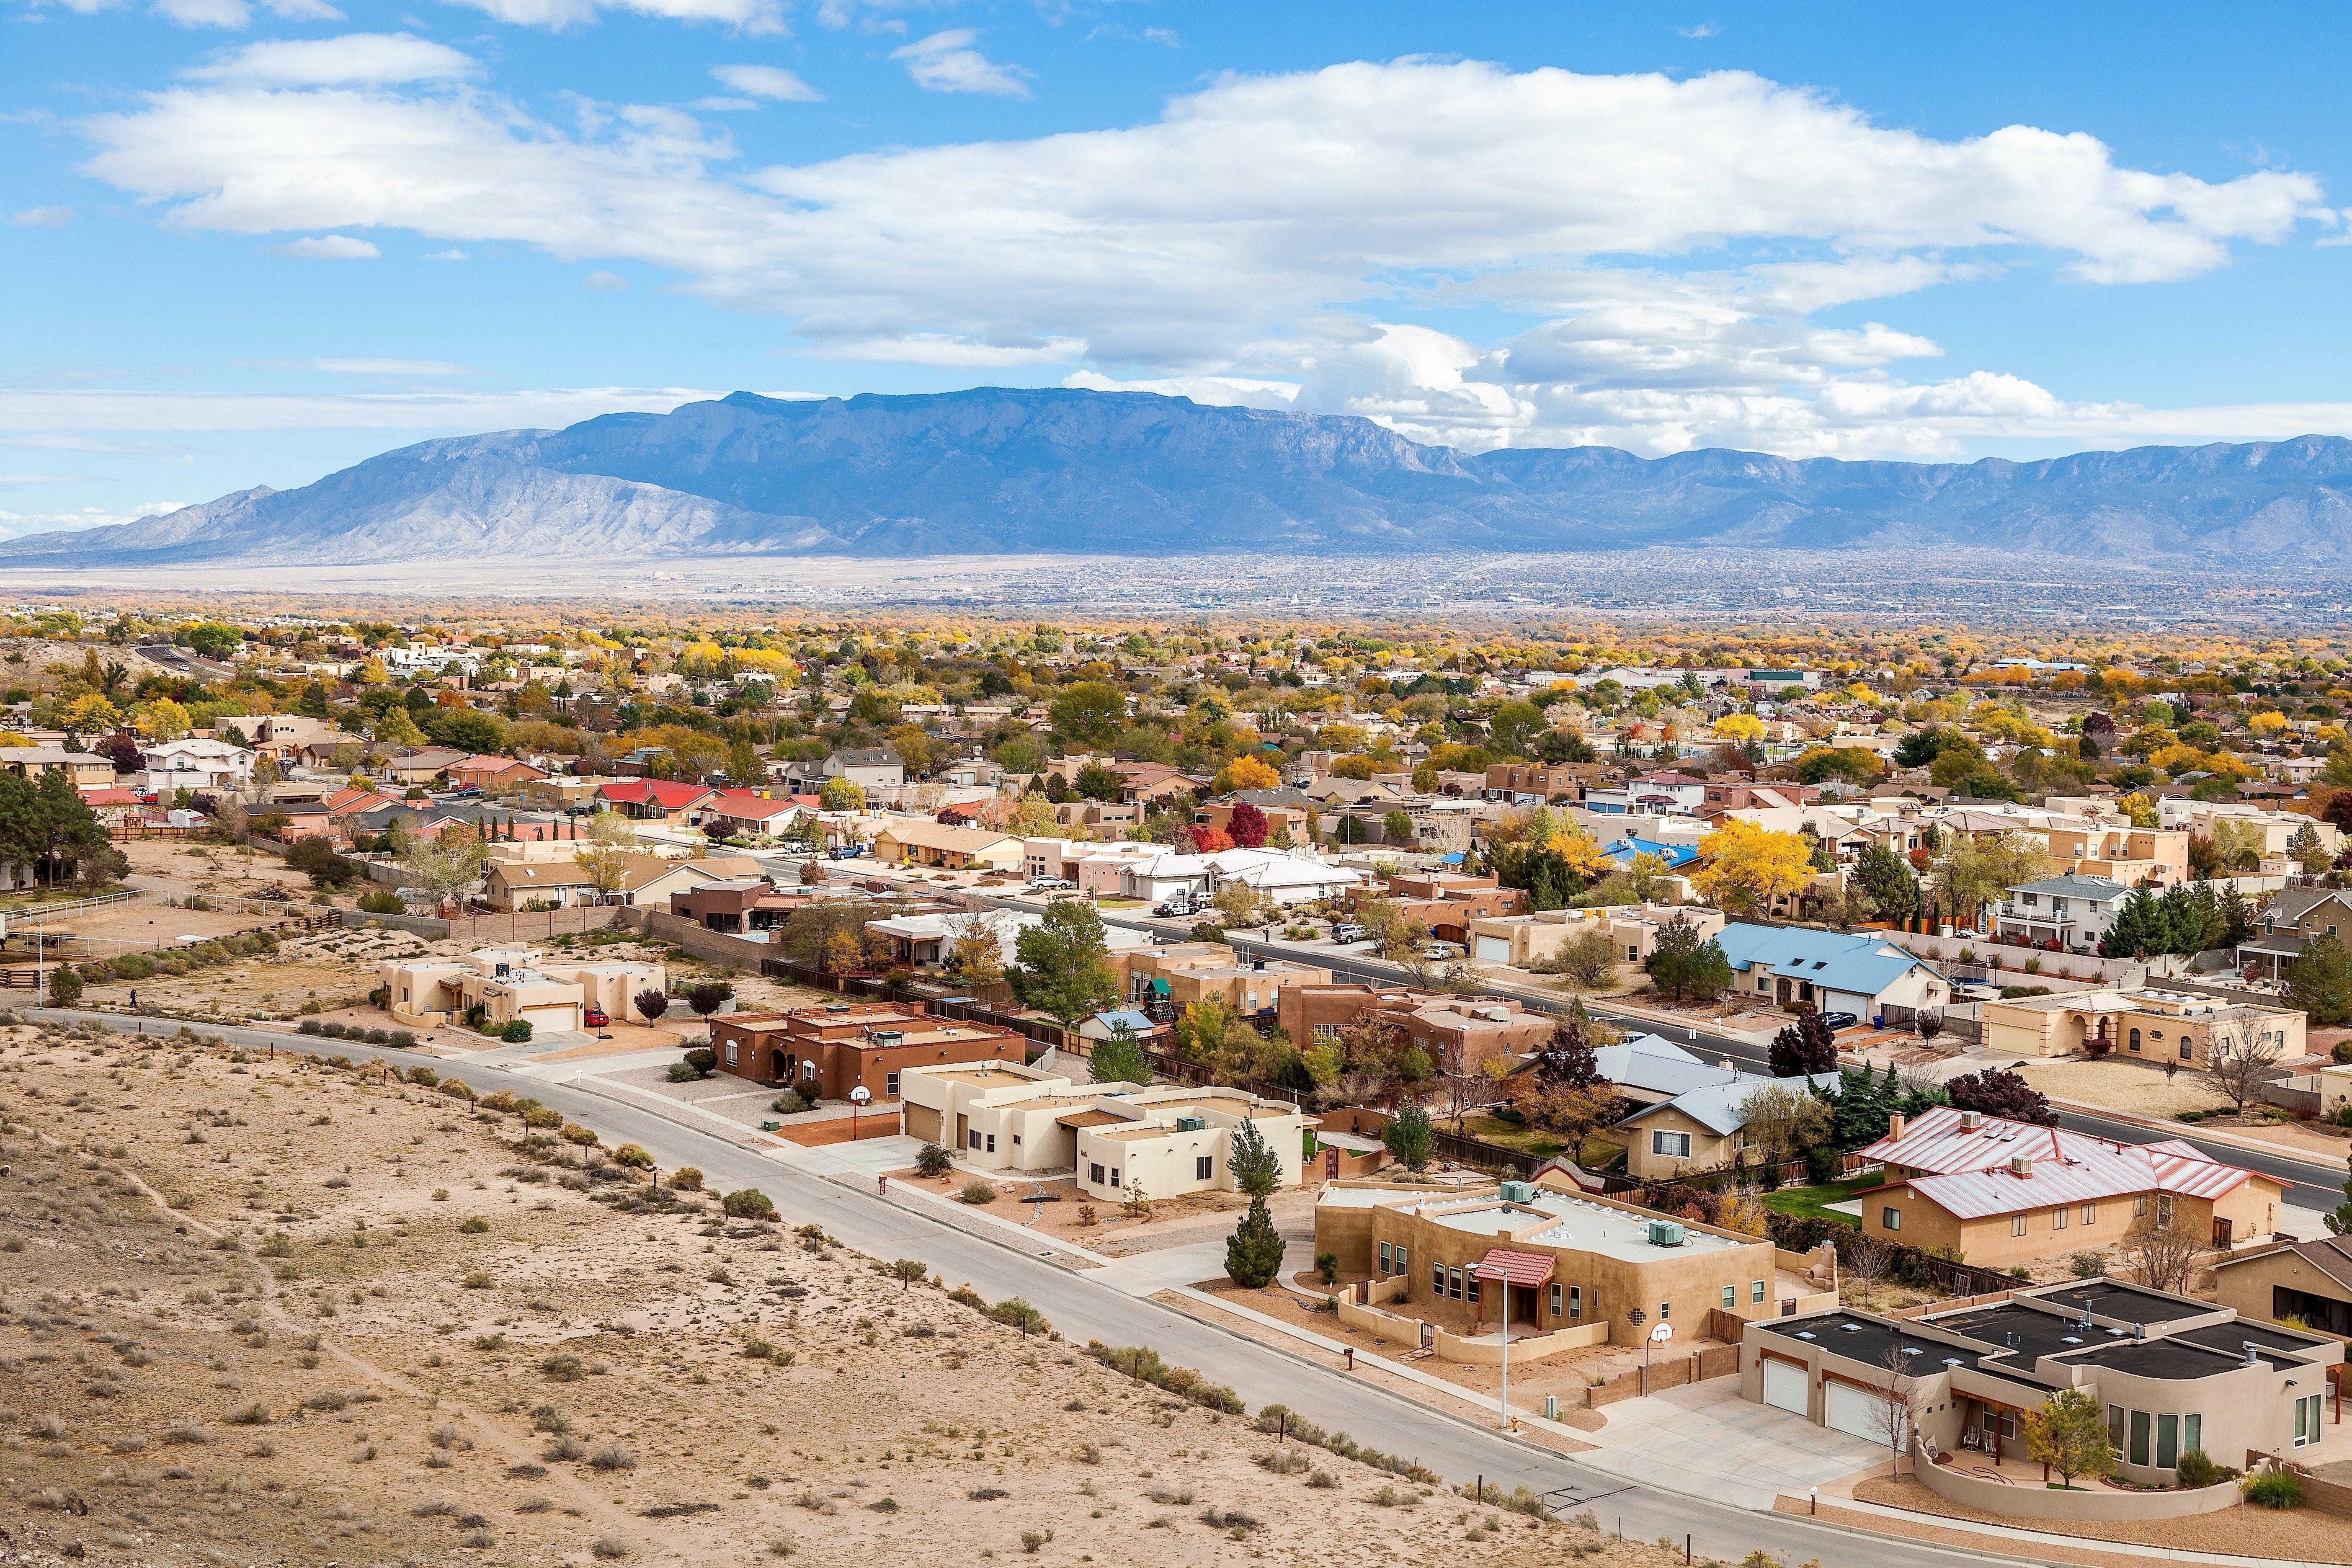 Top Neighborhoods to Explore in Albuquerque